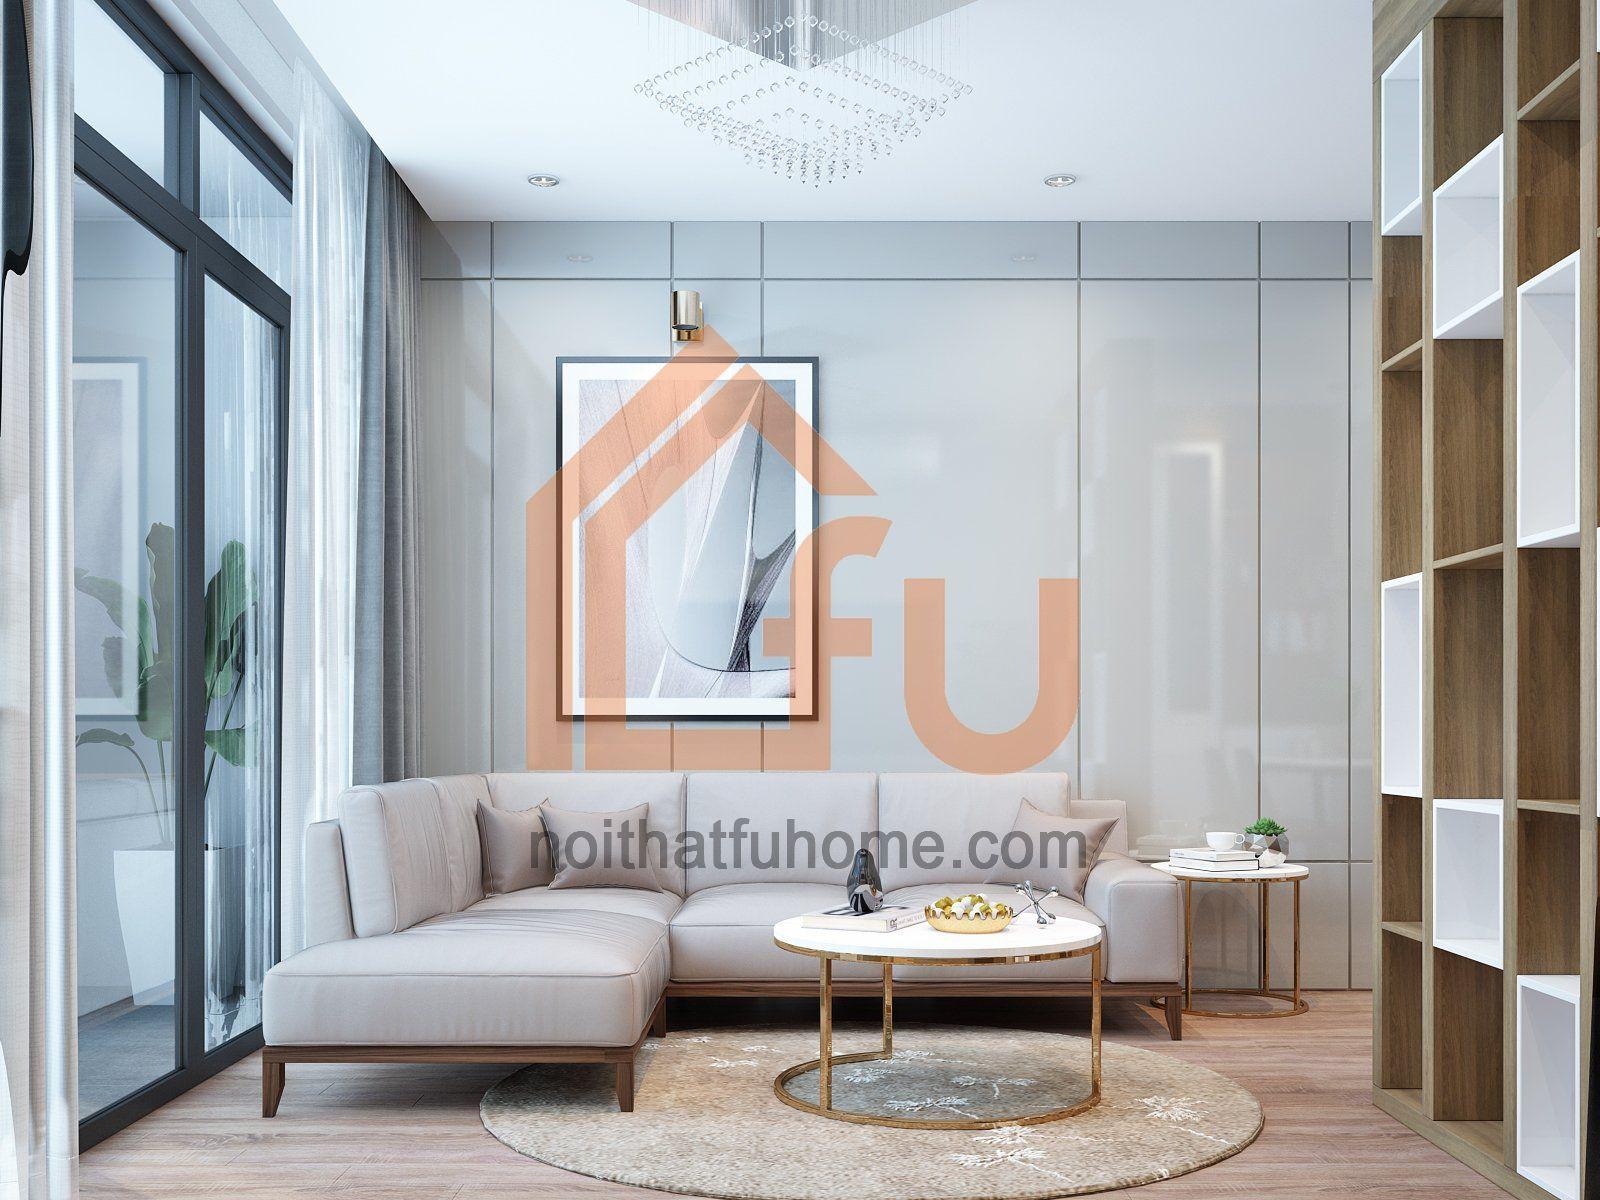 Thiết kế thi công nội thất chung cư 90m2 tại The City Light Vĩnh Yên